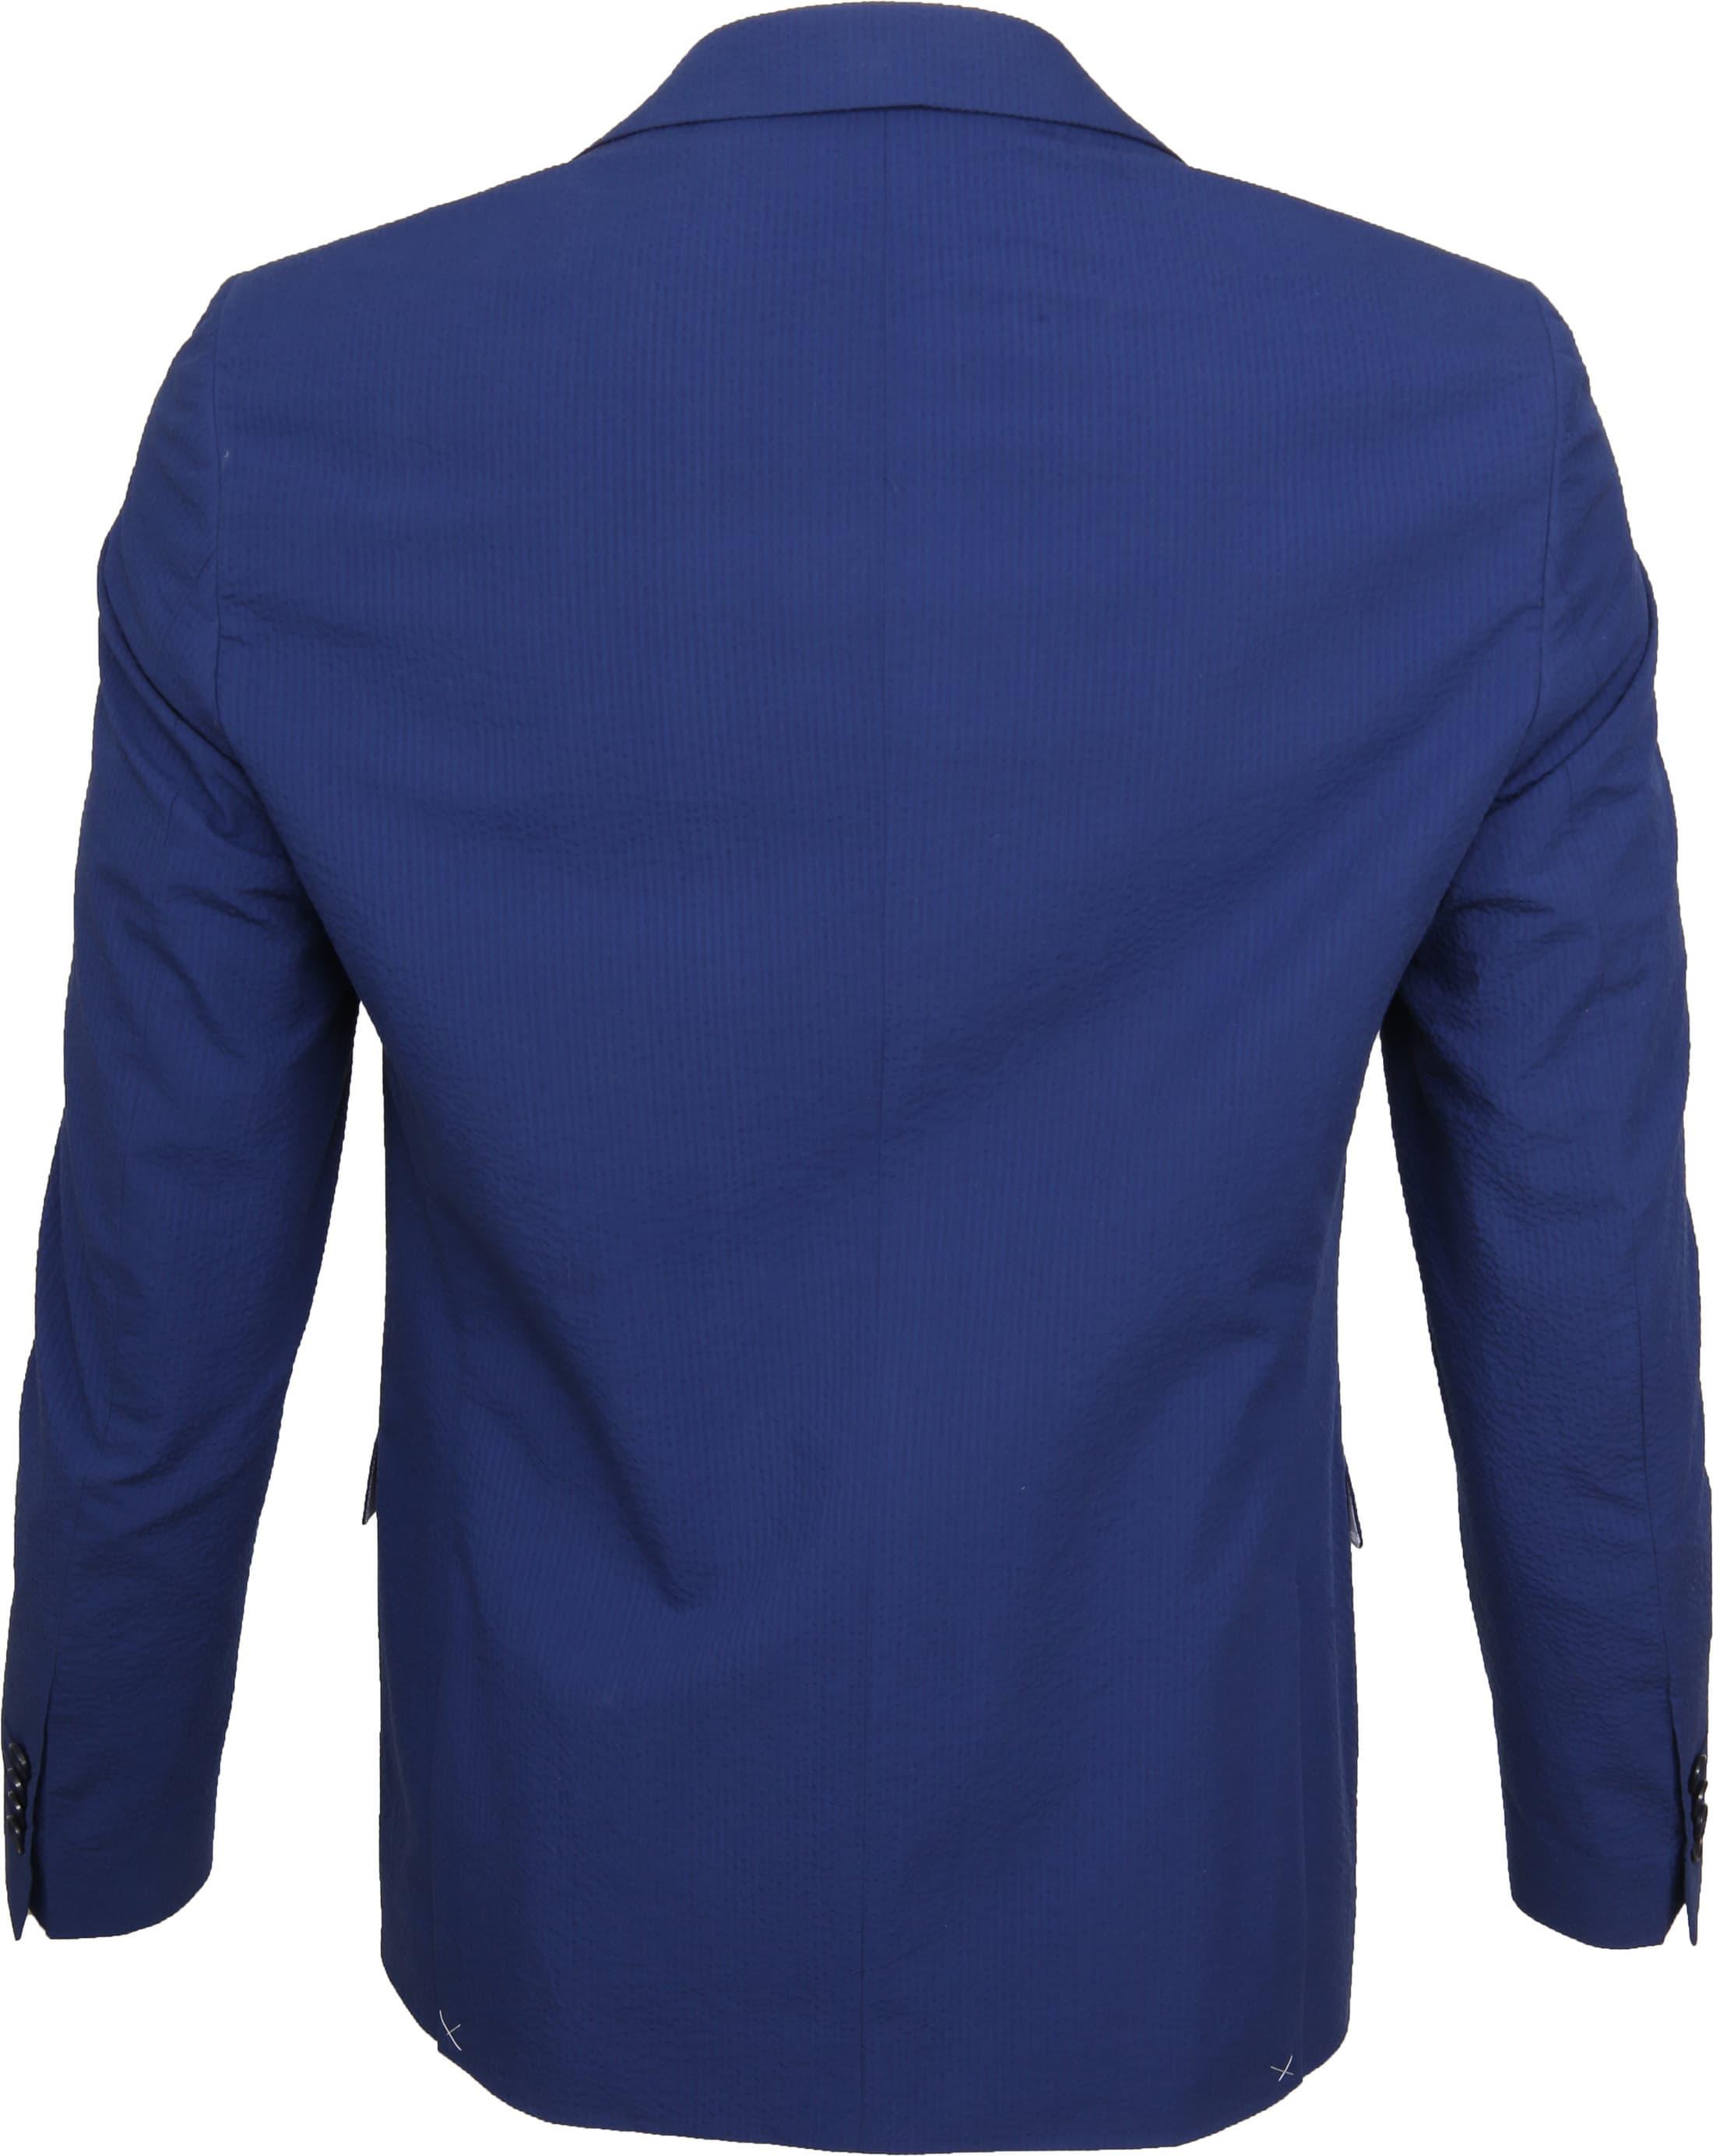 Suitable Blazer Logga Blau foto 3